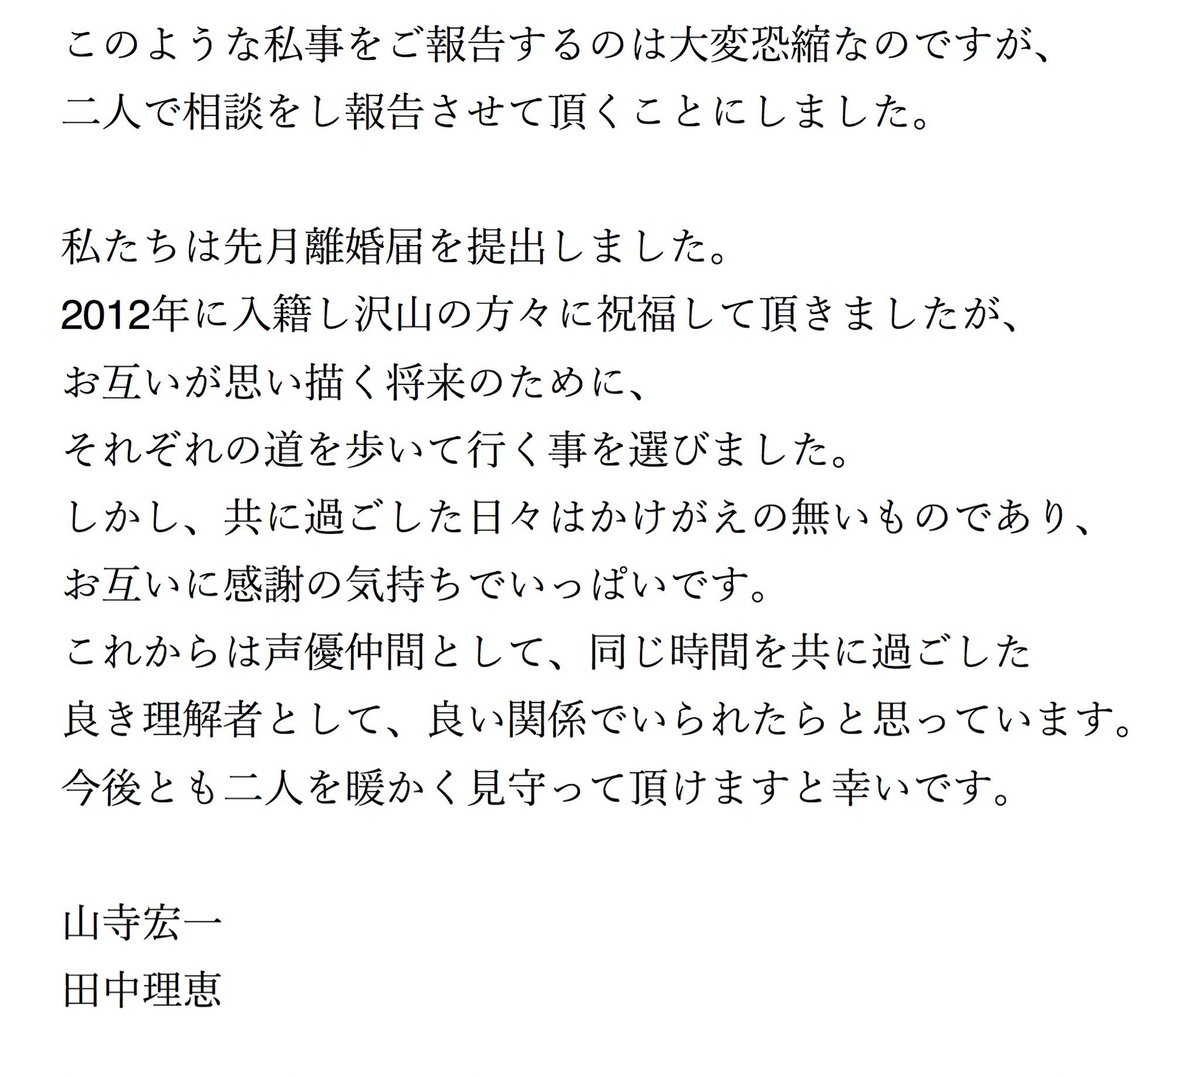 山寺宏一さんの投稿画像